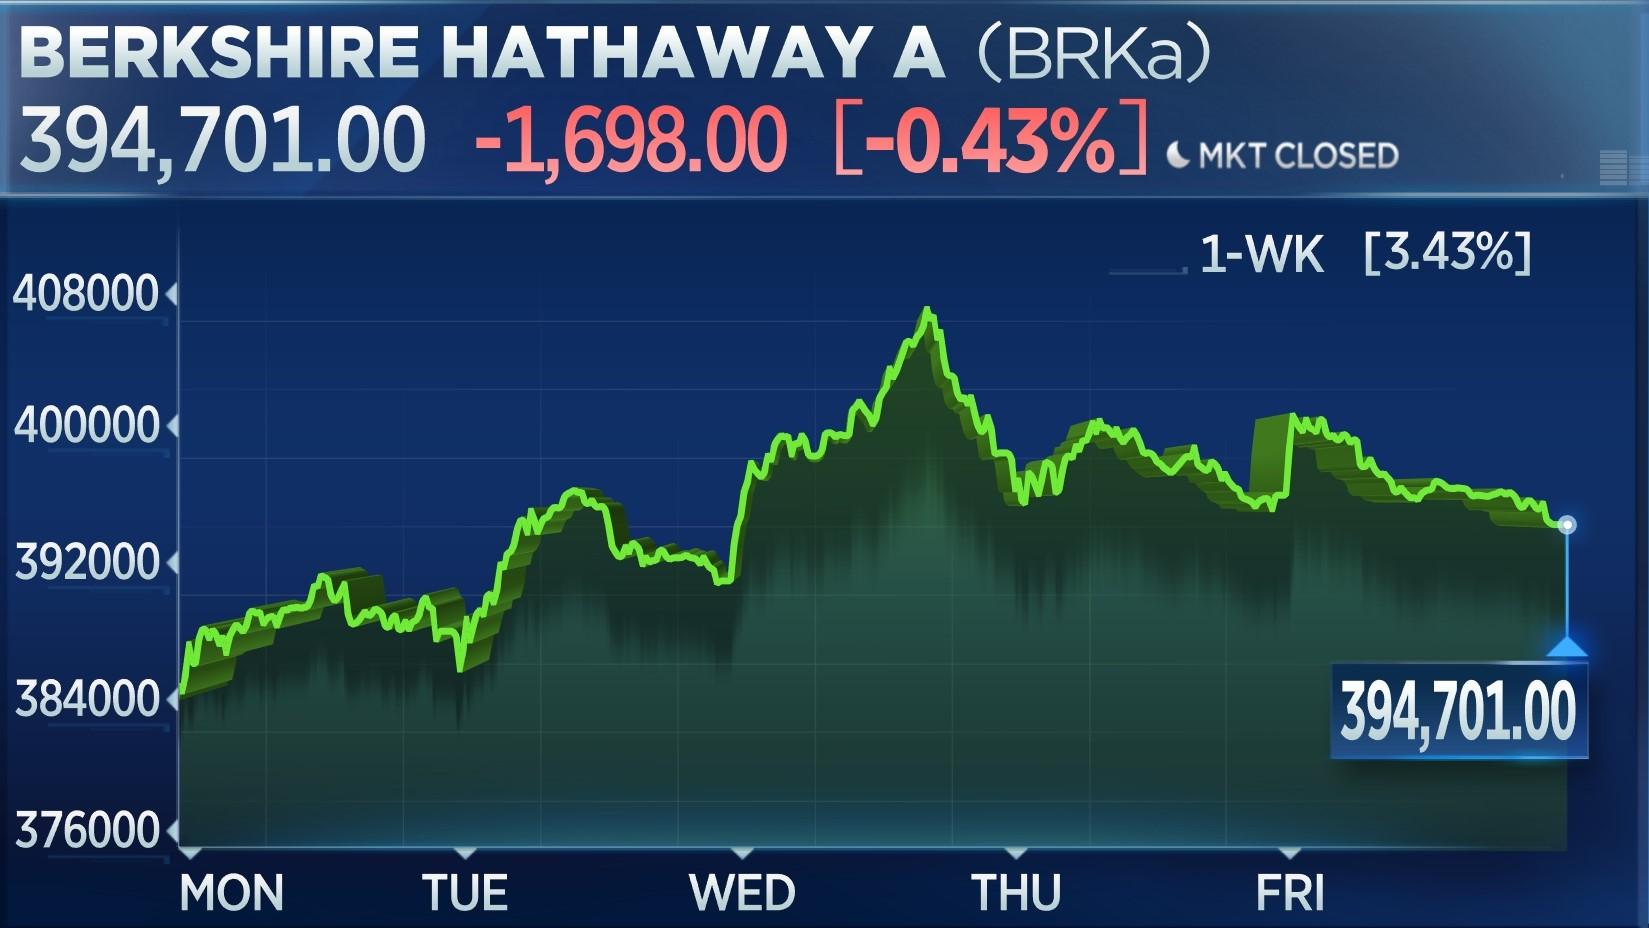 Berkshire Class A 1-week chart